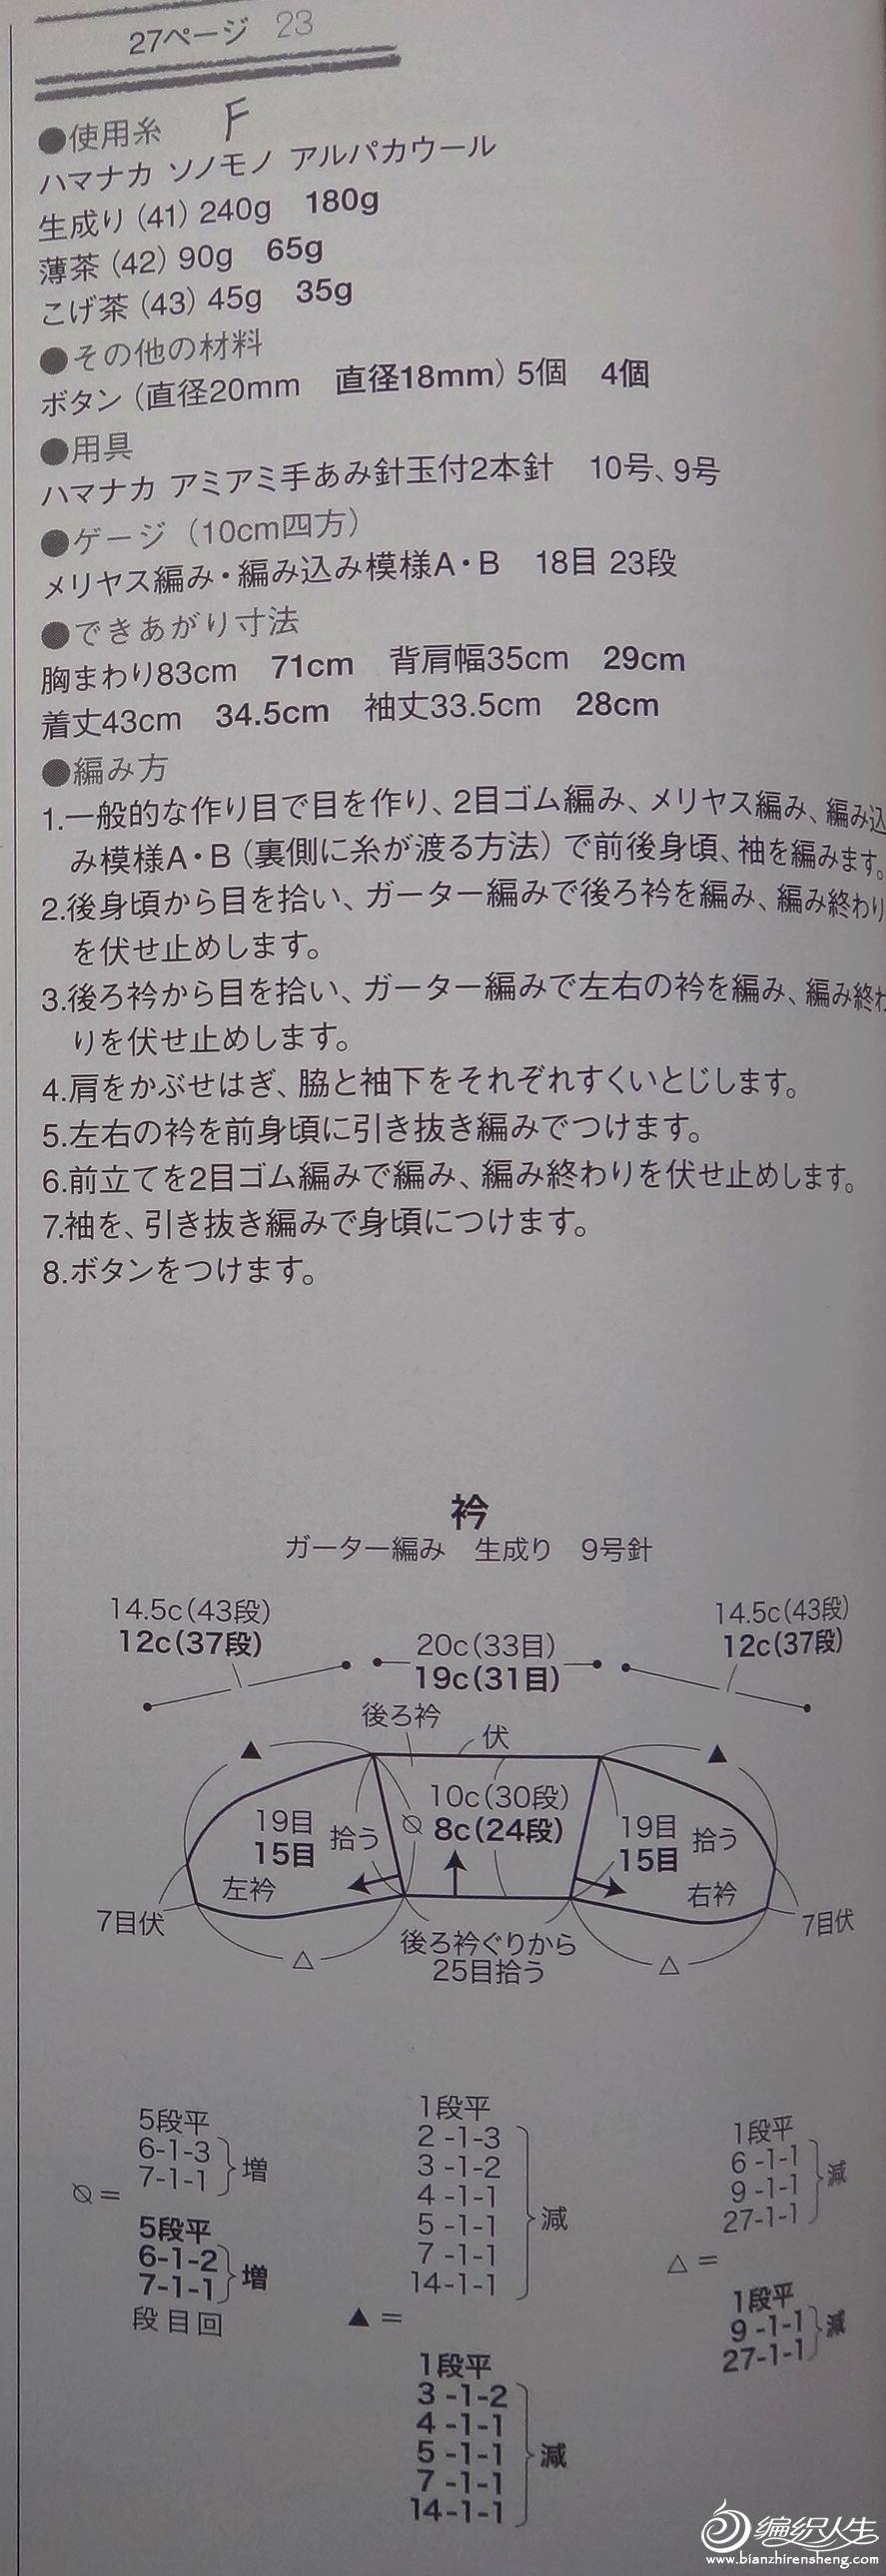 宠爱图解 (3).JPG